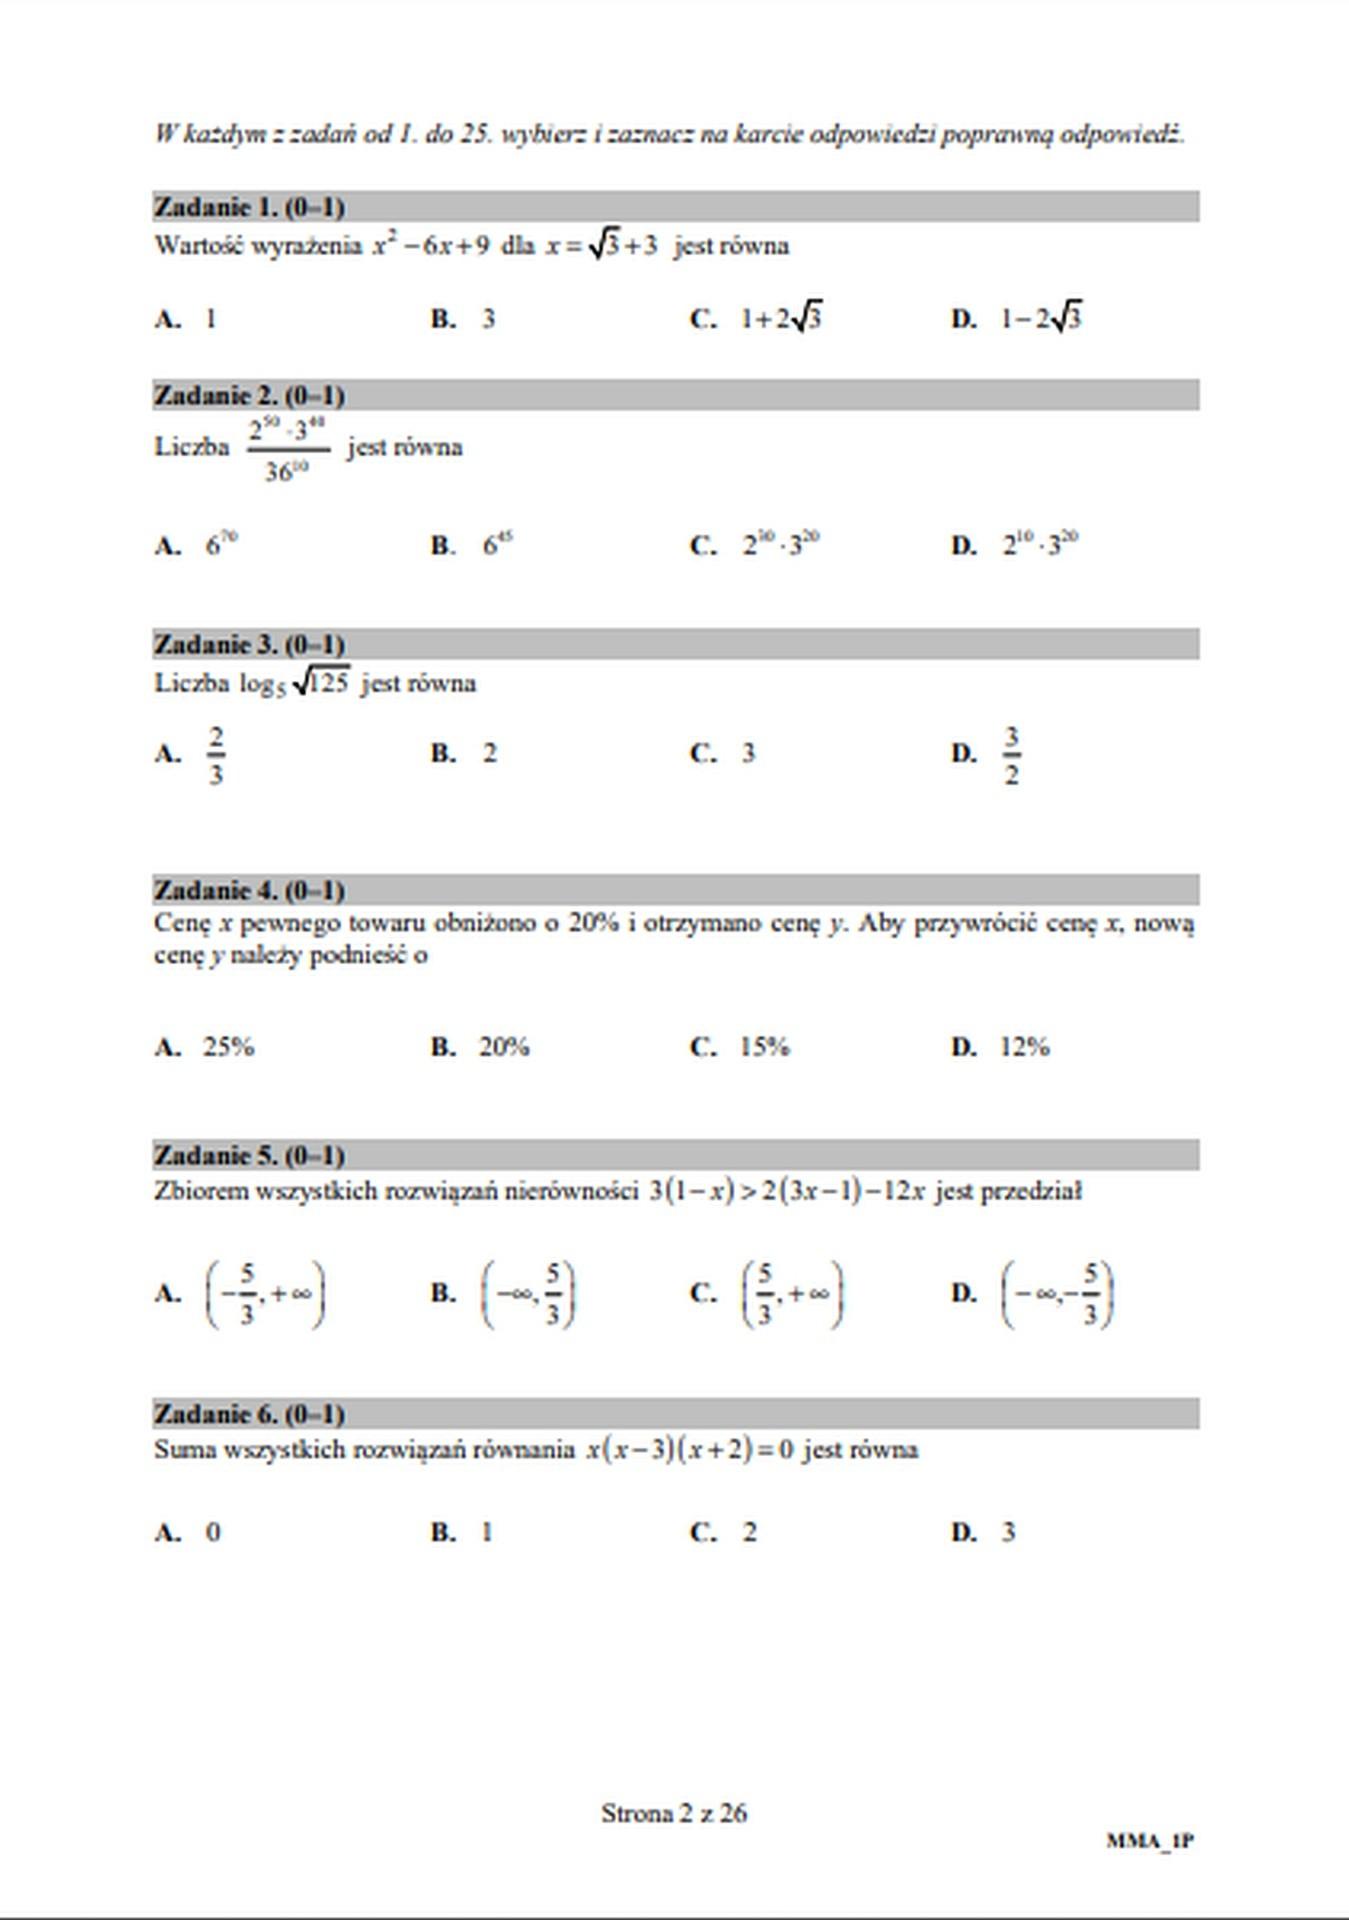 matura z matematyki rozszerzona 2021 odpowiedzi